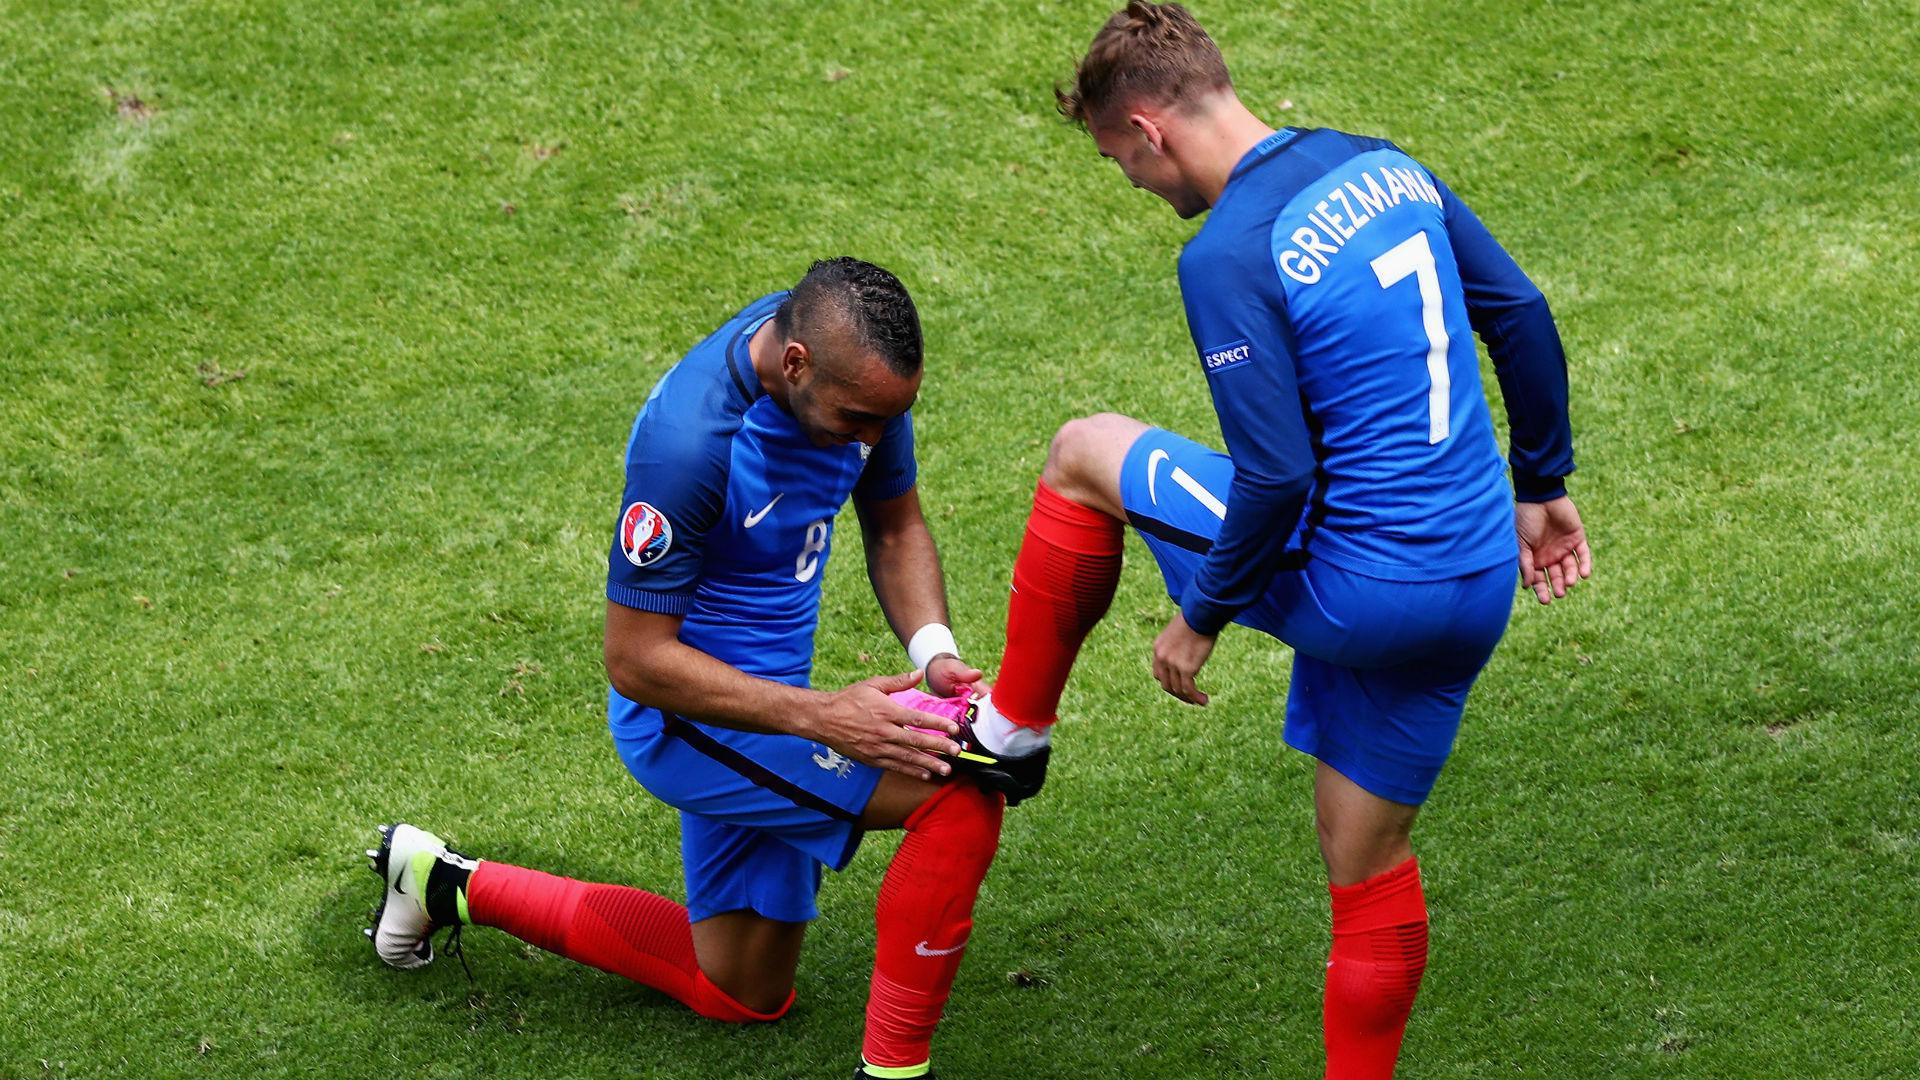 лучше заплатить интерьвью после матча исландия франция термобелье позволит Вам